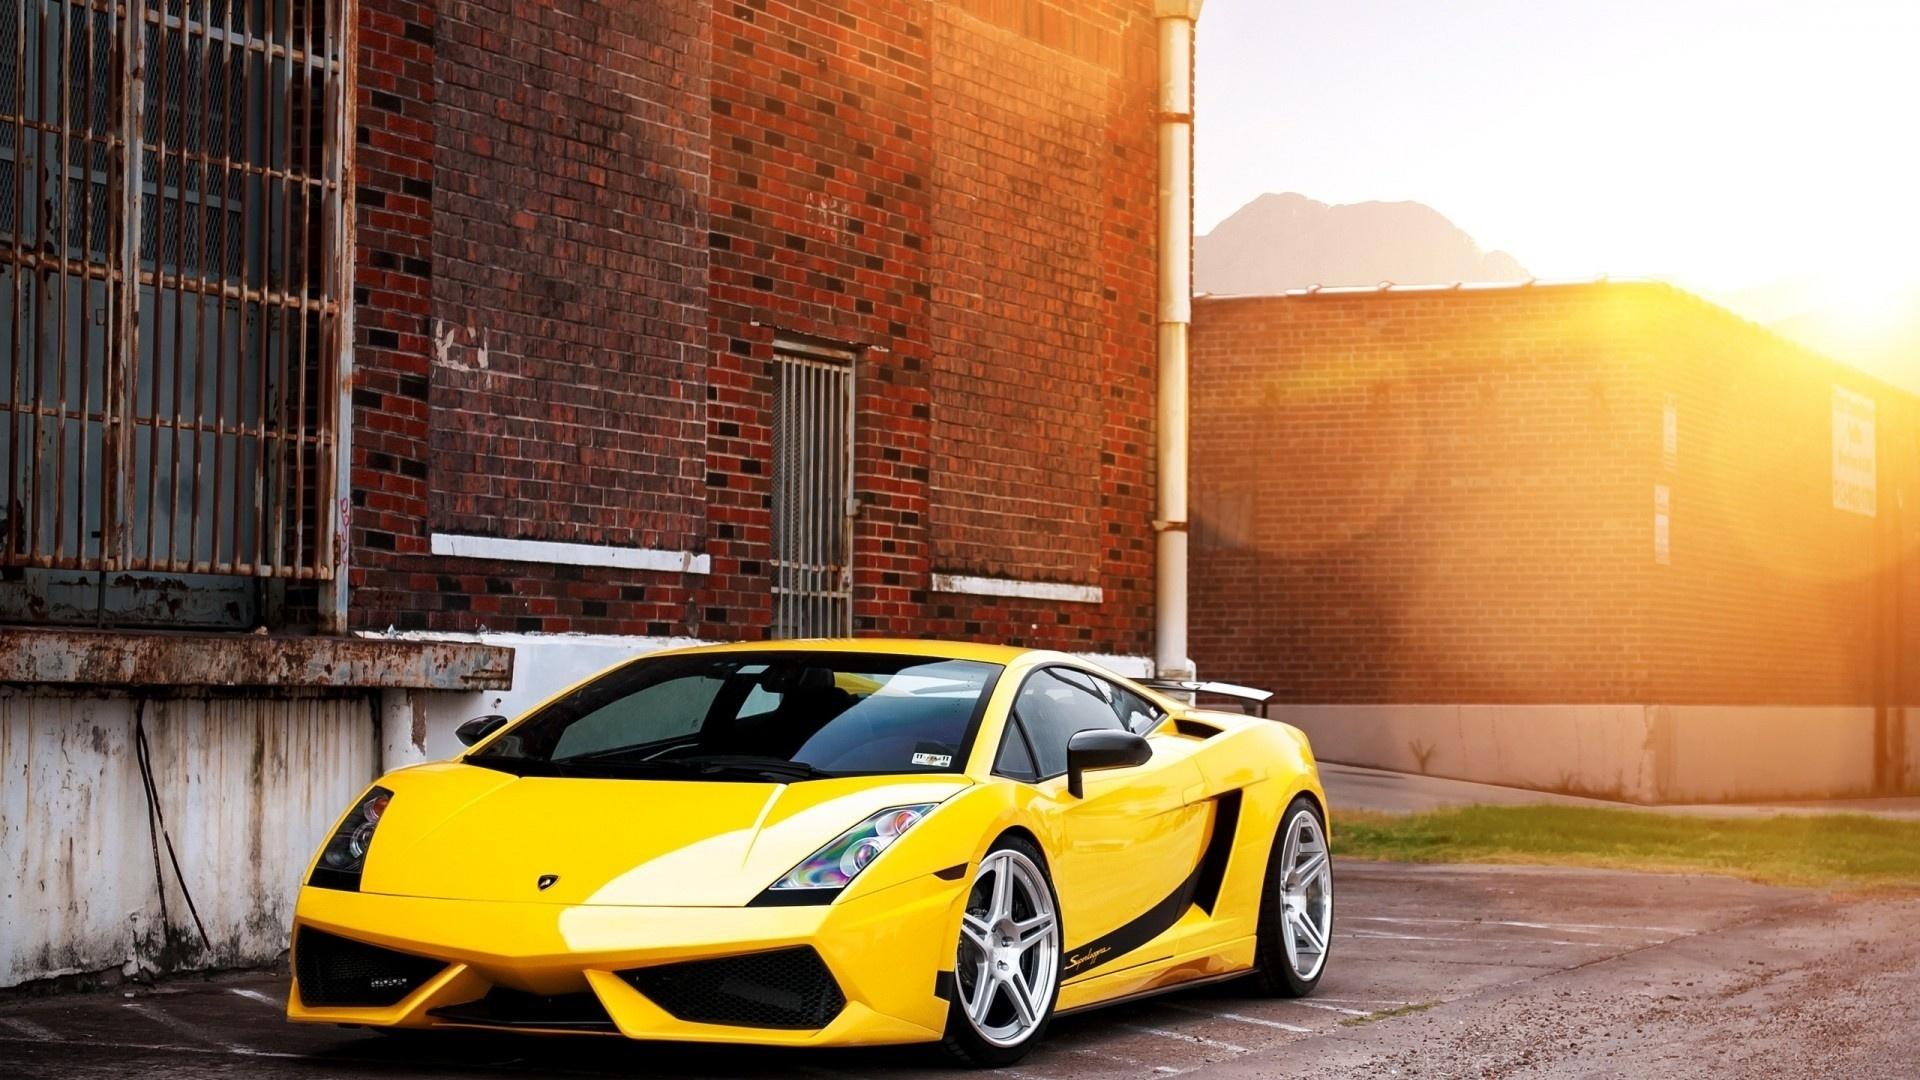 Lamborghini computer background